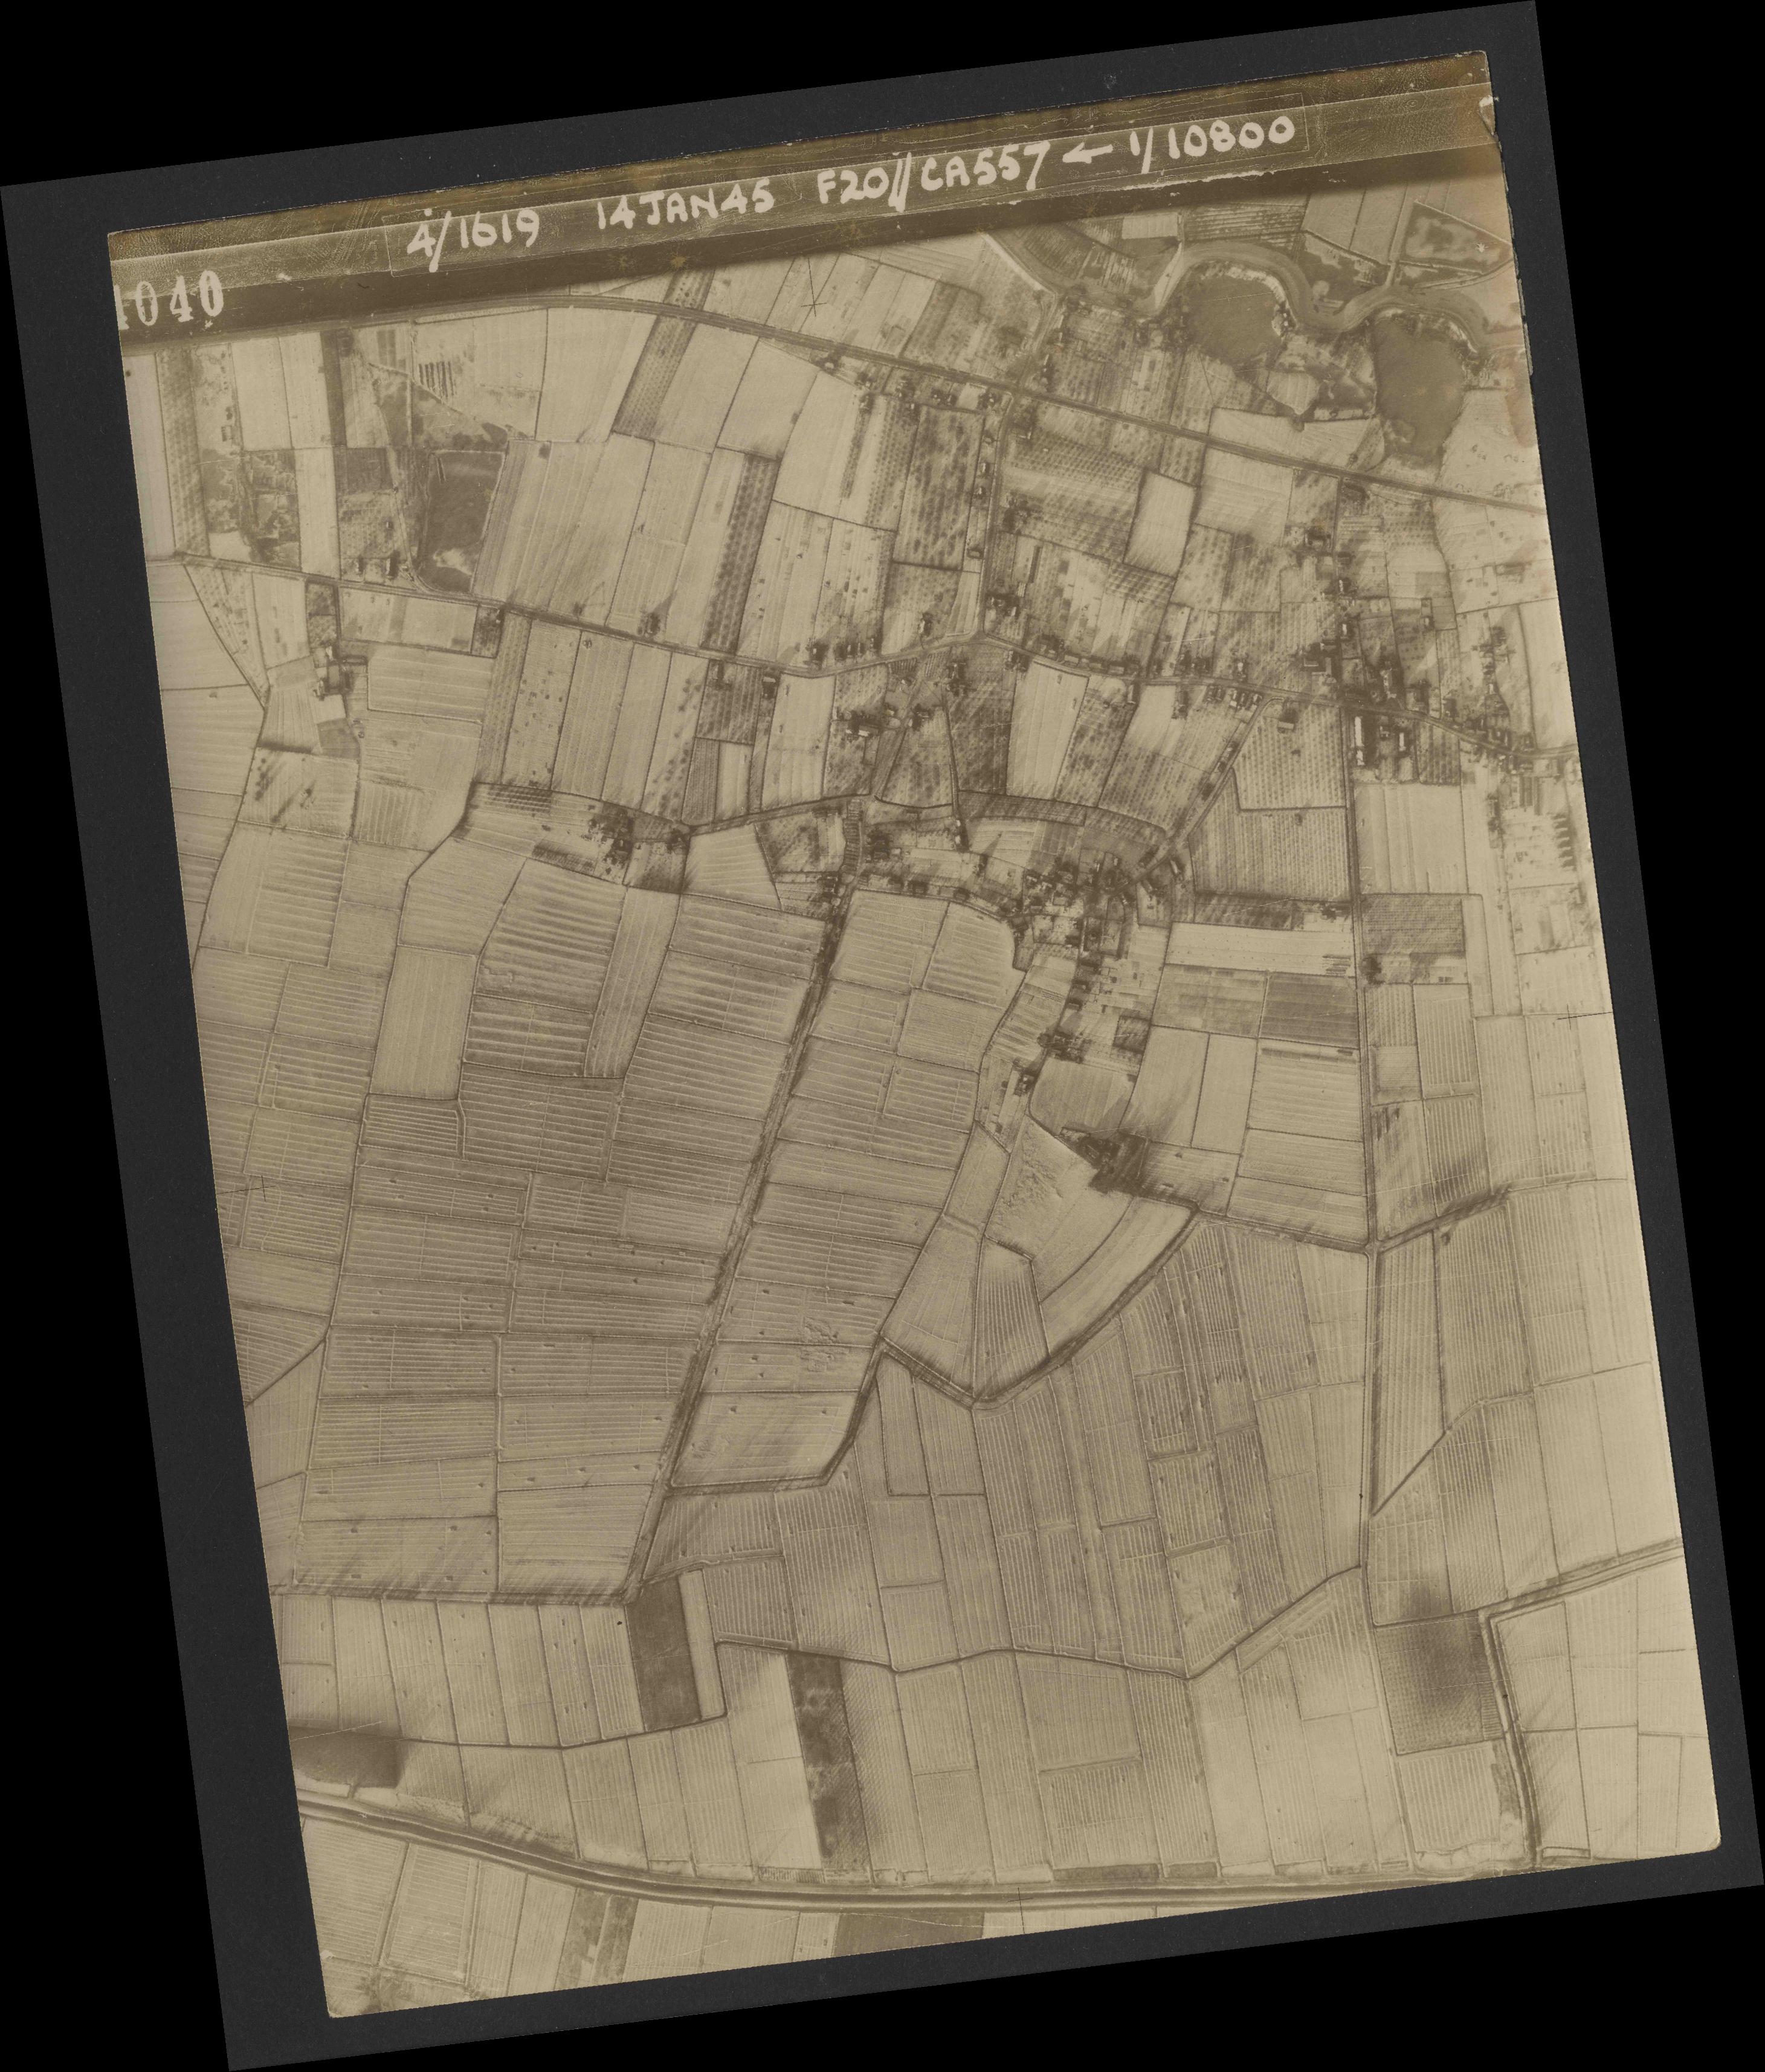 Collection RAF aerial photos 1940-1945 - flight 291, run 05, photo 4040